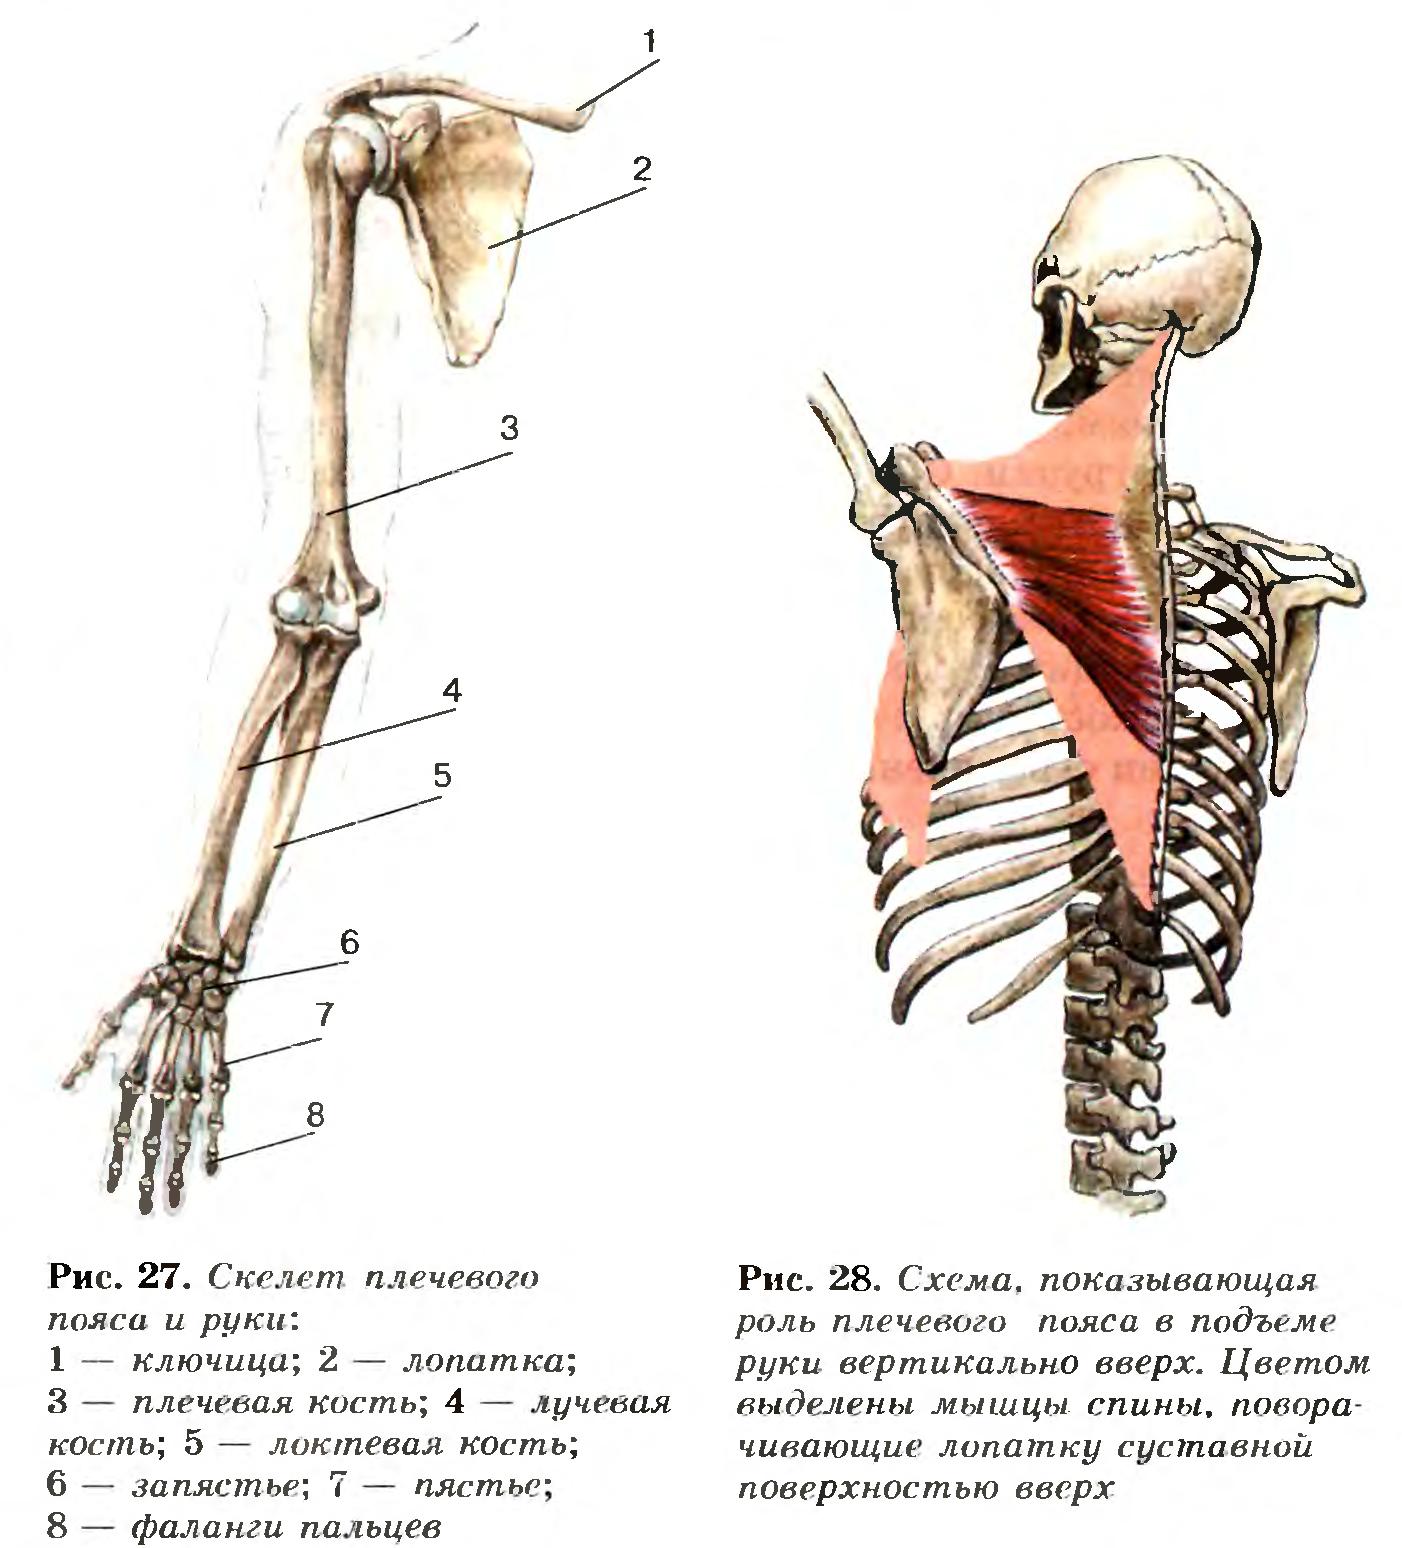 Пояс Плечевой